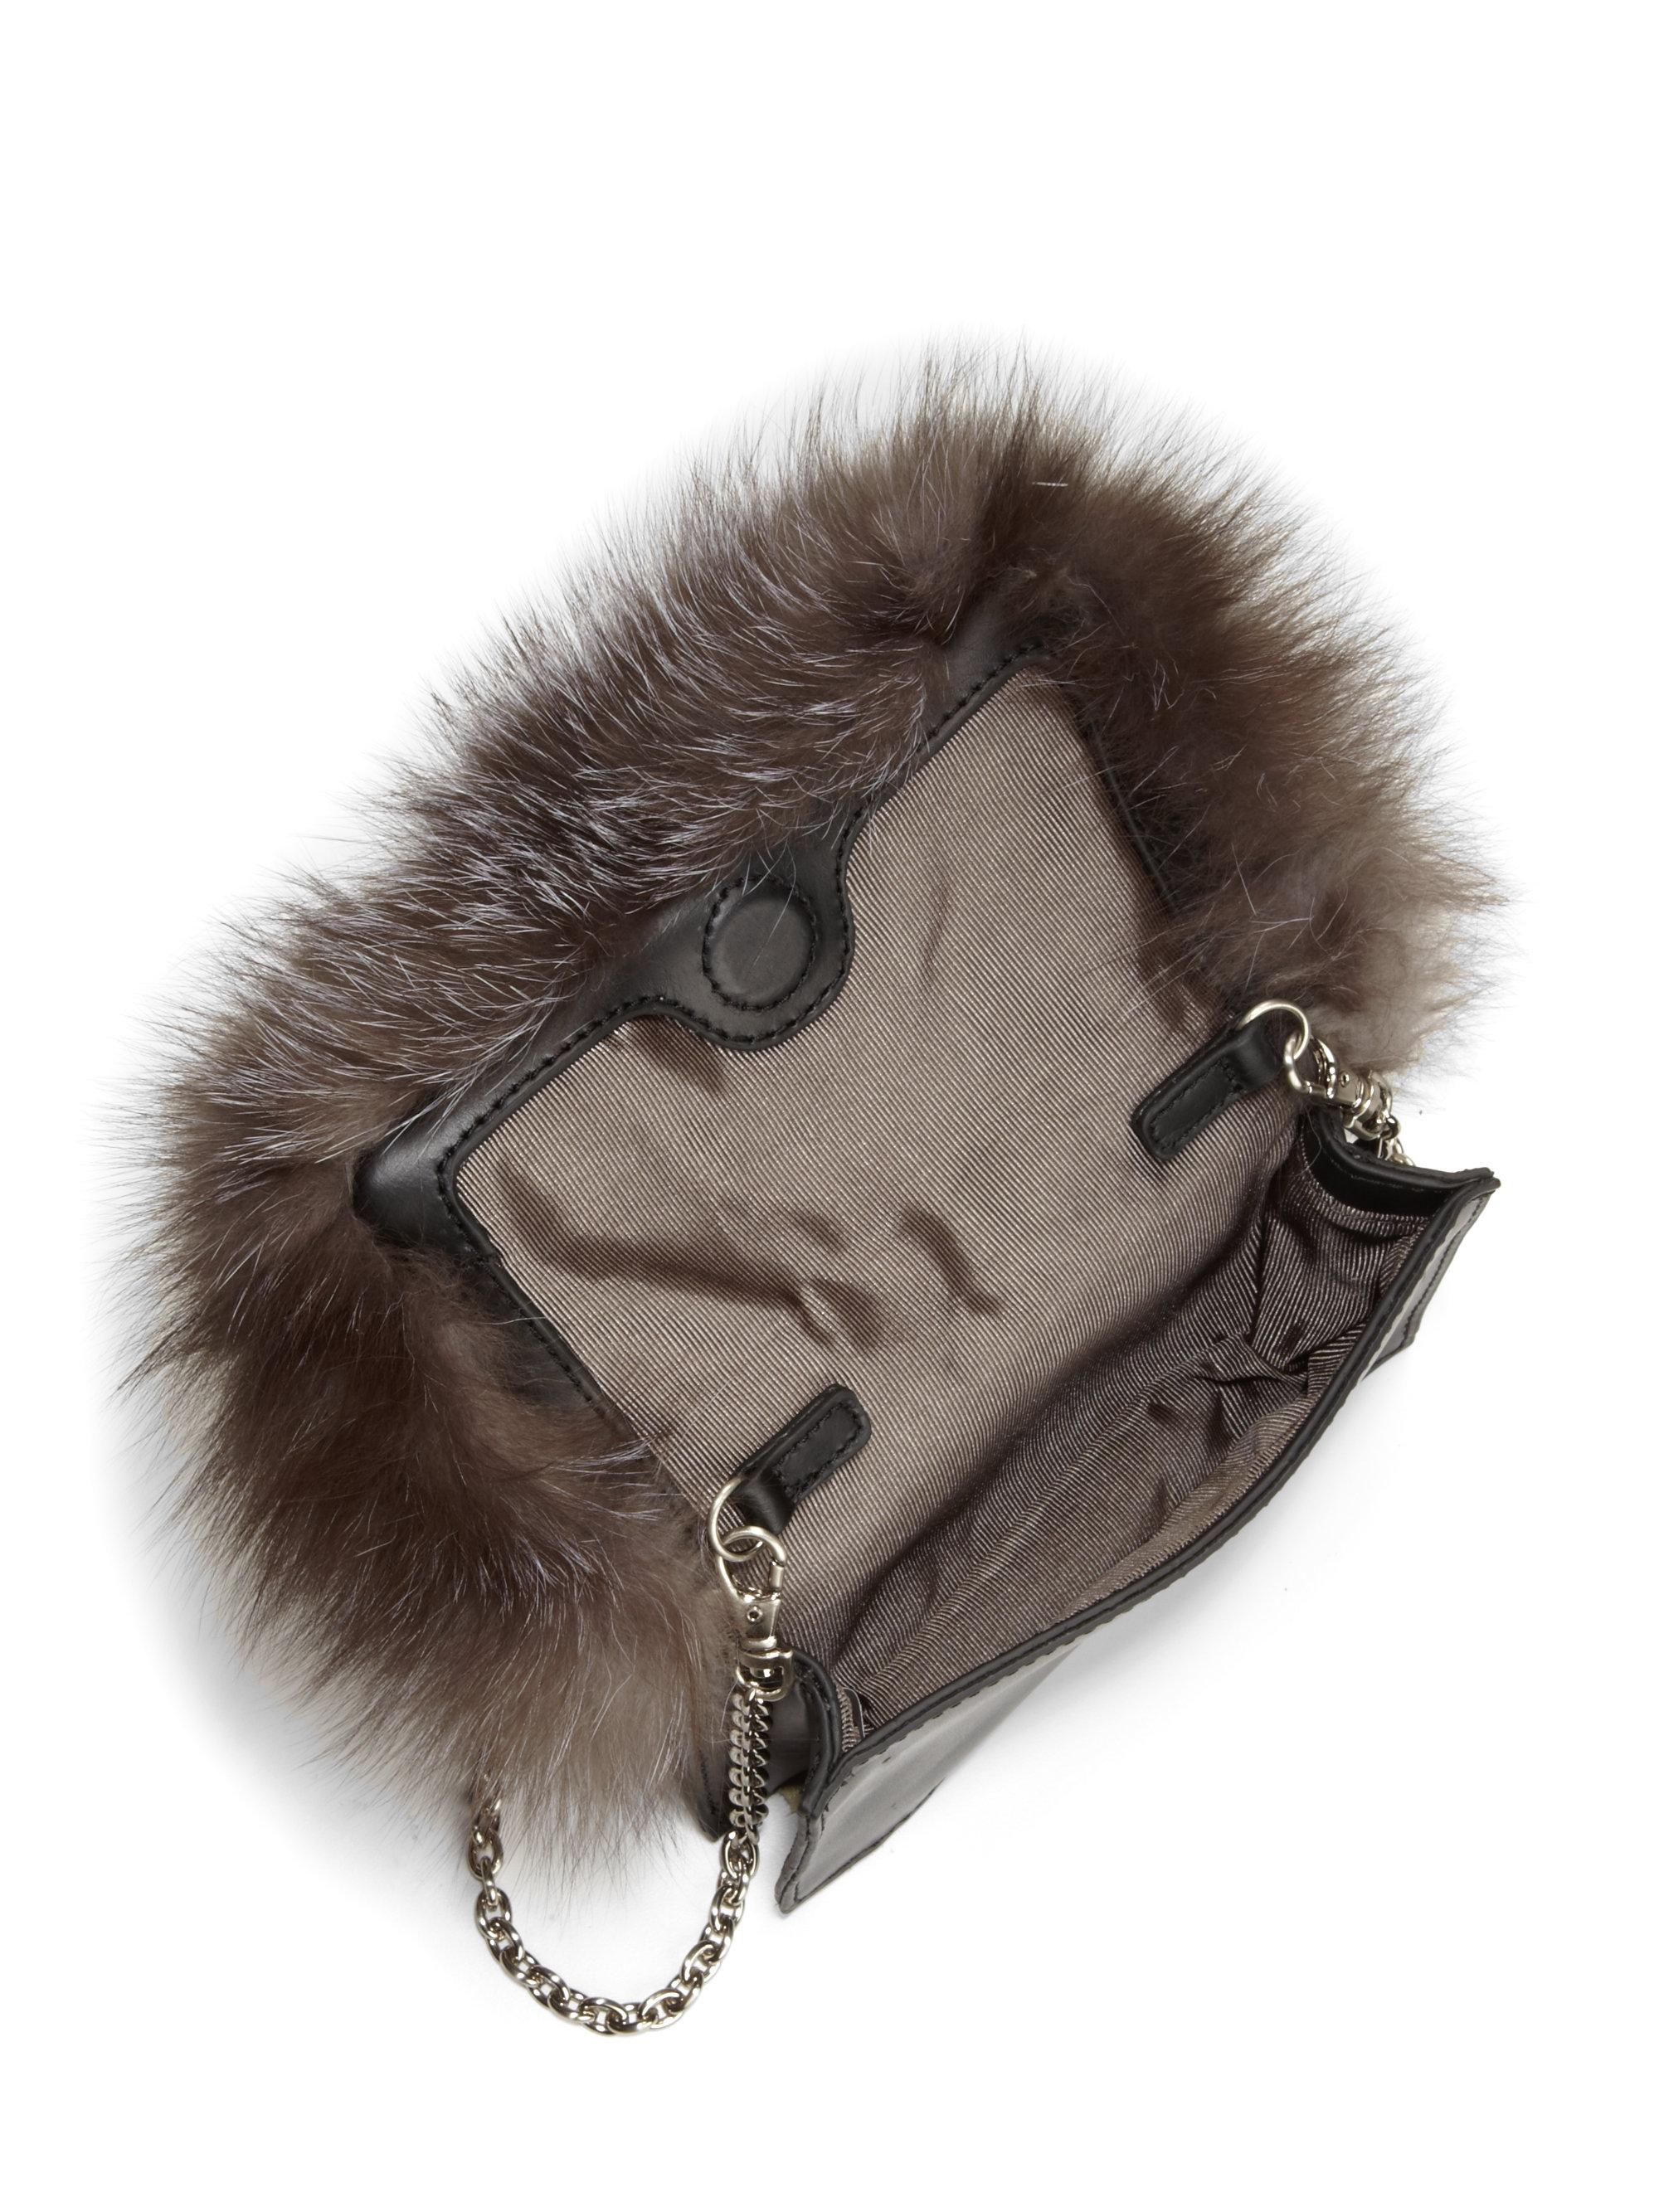 baby bag prada - Z spoke by zac posen Tina Silver Fox Fur Crossbody Bag in Brown ...